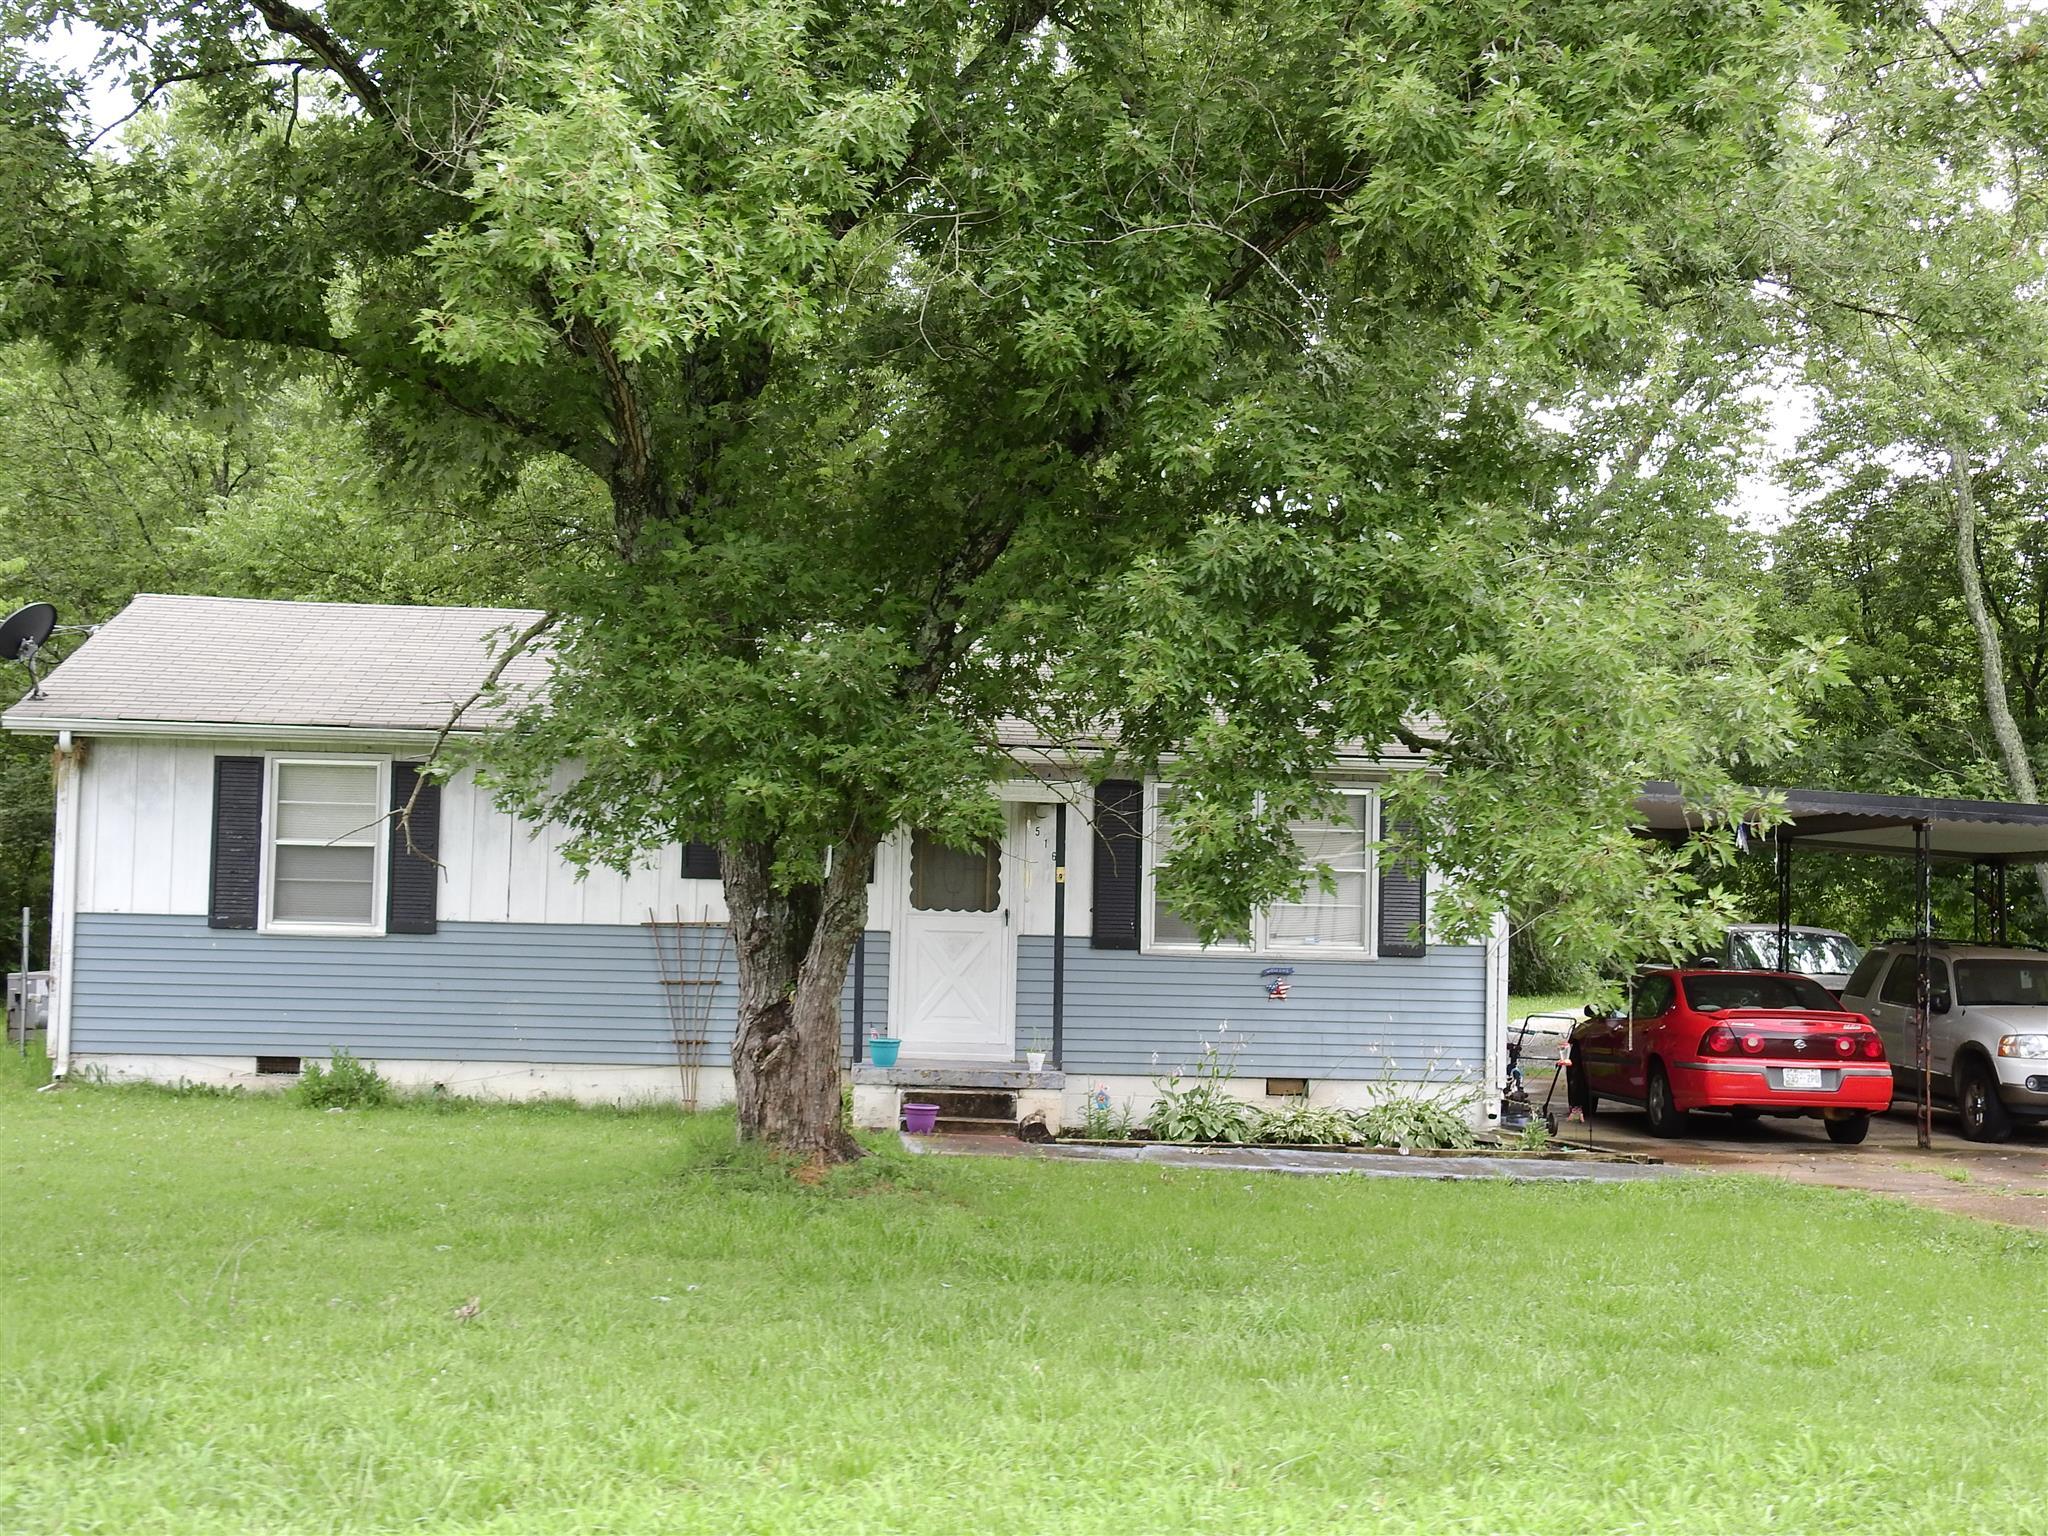 516 Old Nashville Hwy, LaVergne, TN 37086